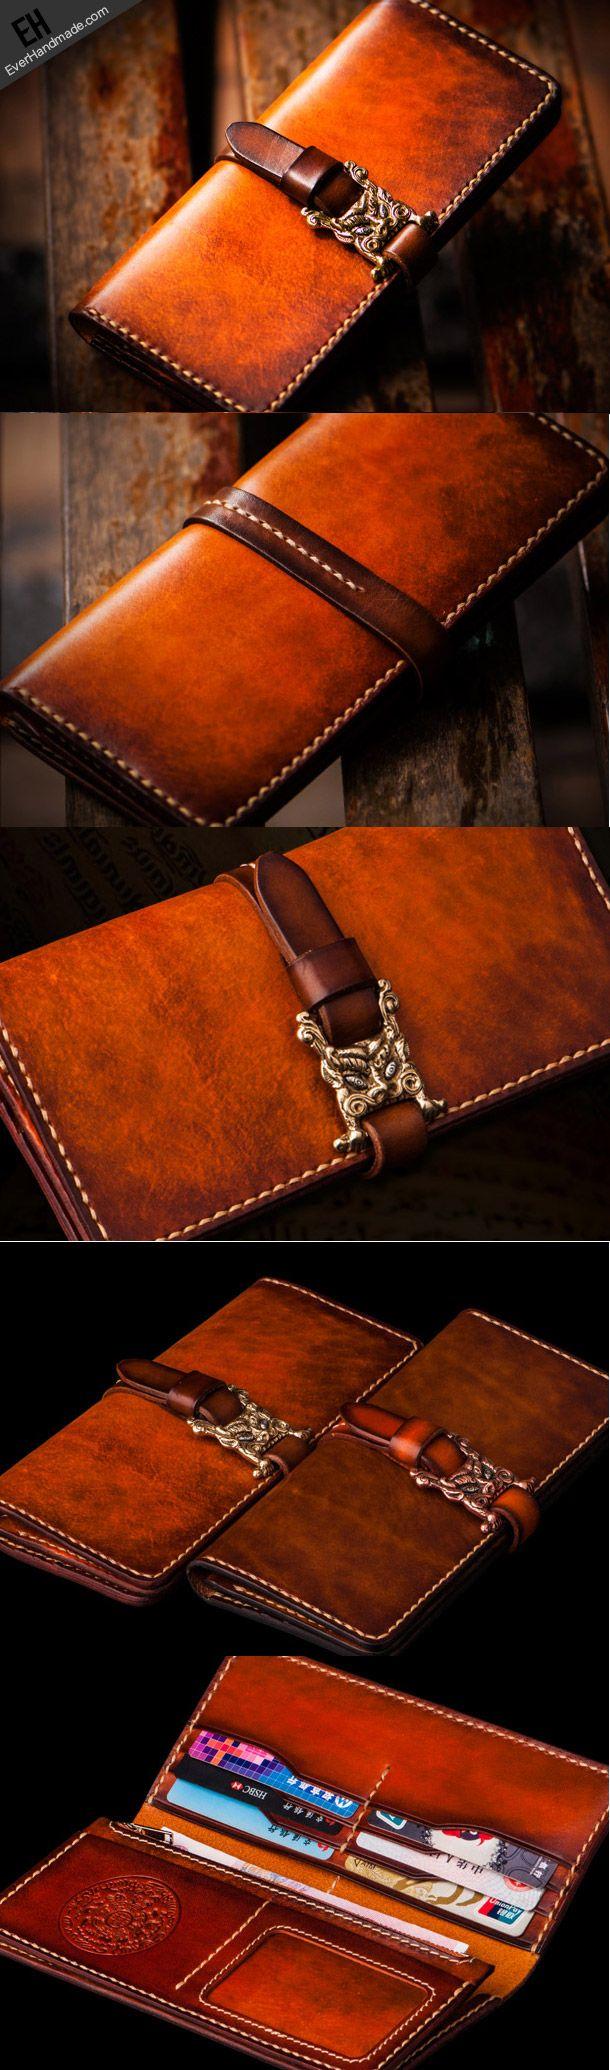 Handmade leather long clutch biker trucker chain wallet coffee brown leather men wallet